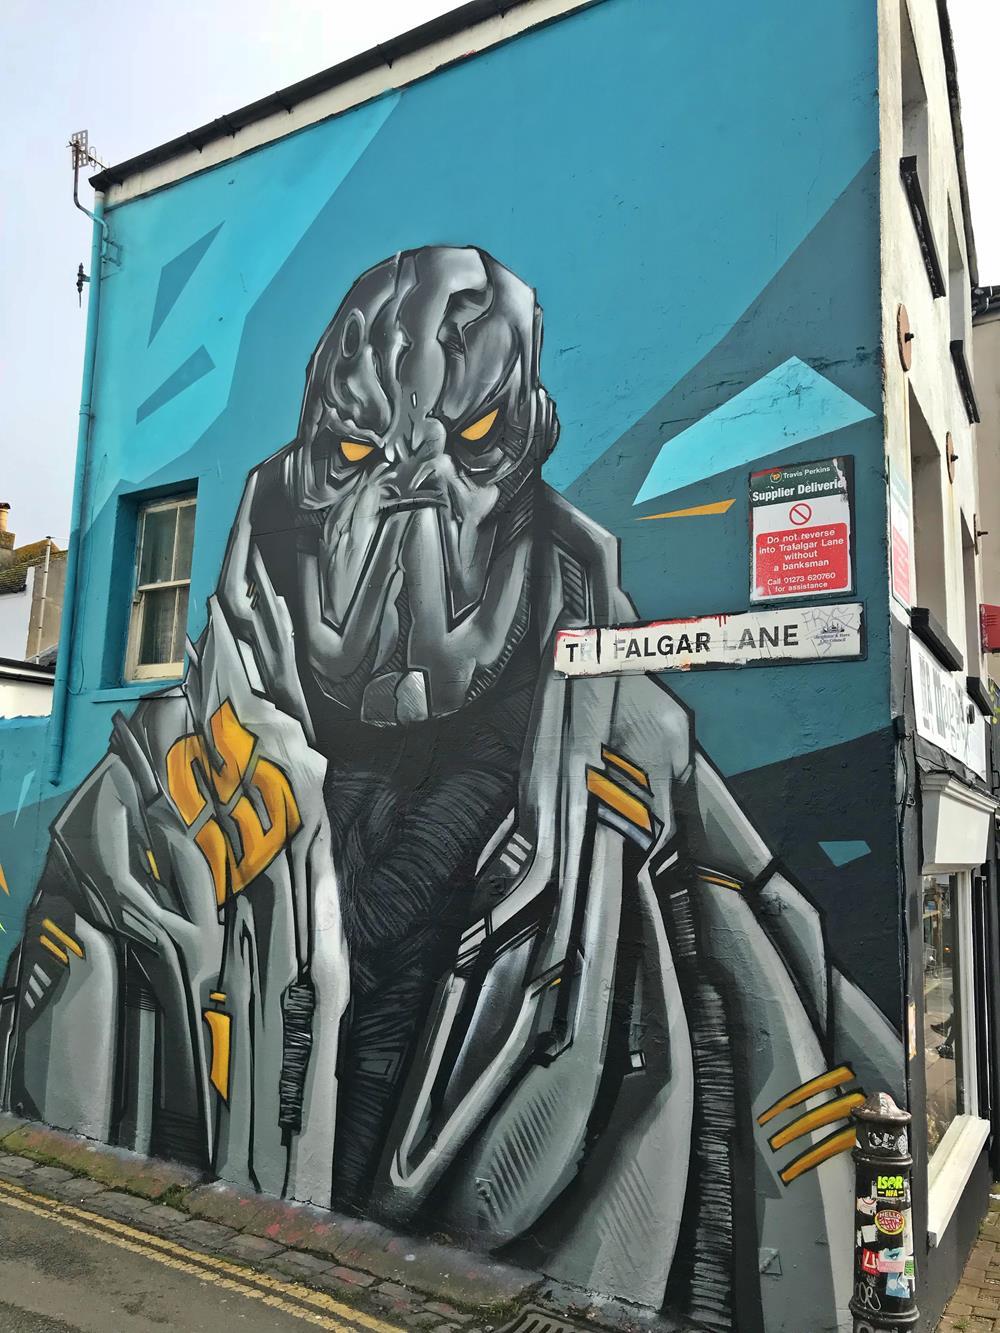 A wall mural by Snub in Trafalgar Lane, Brighton